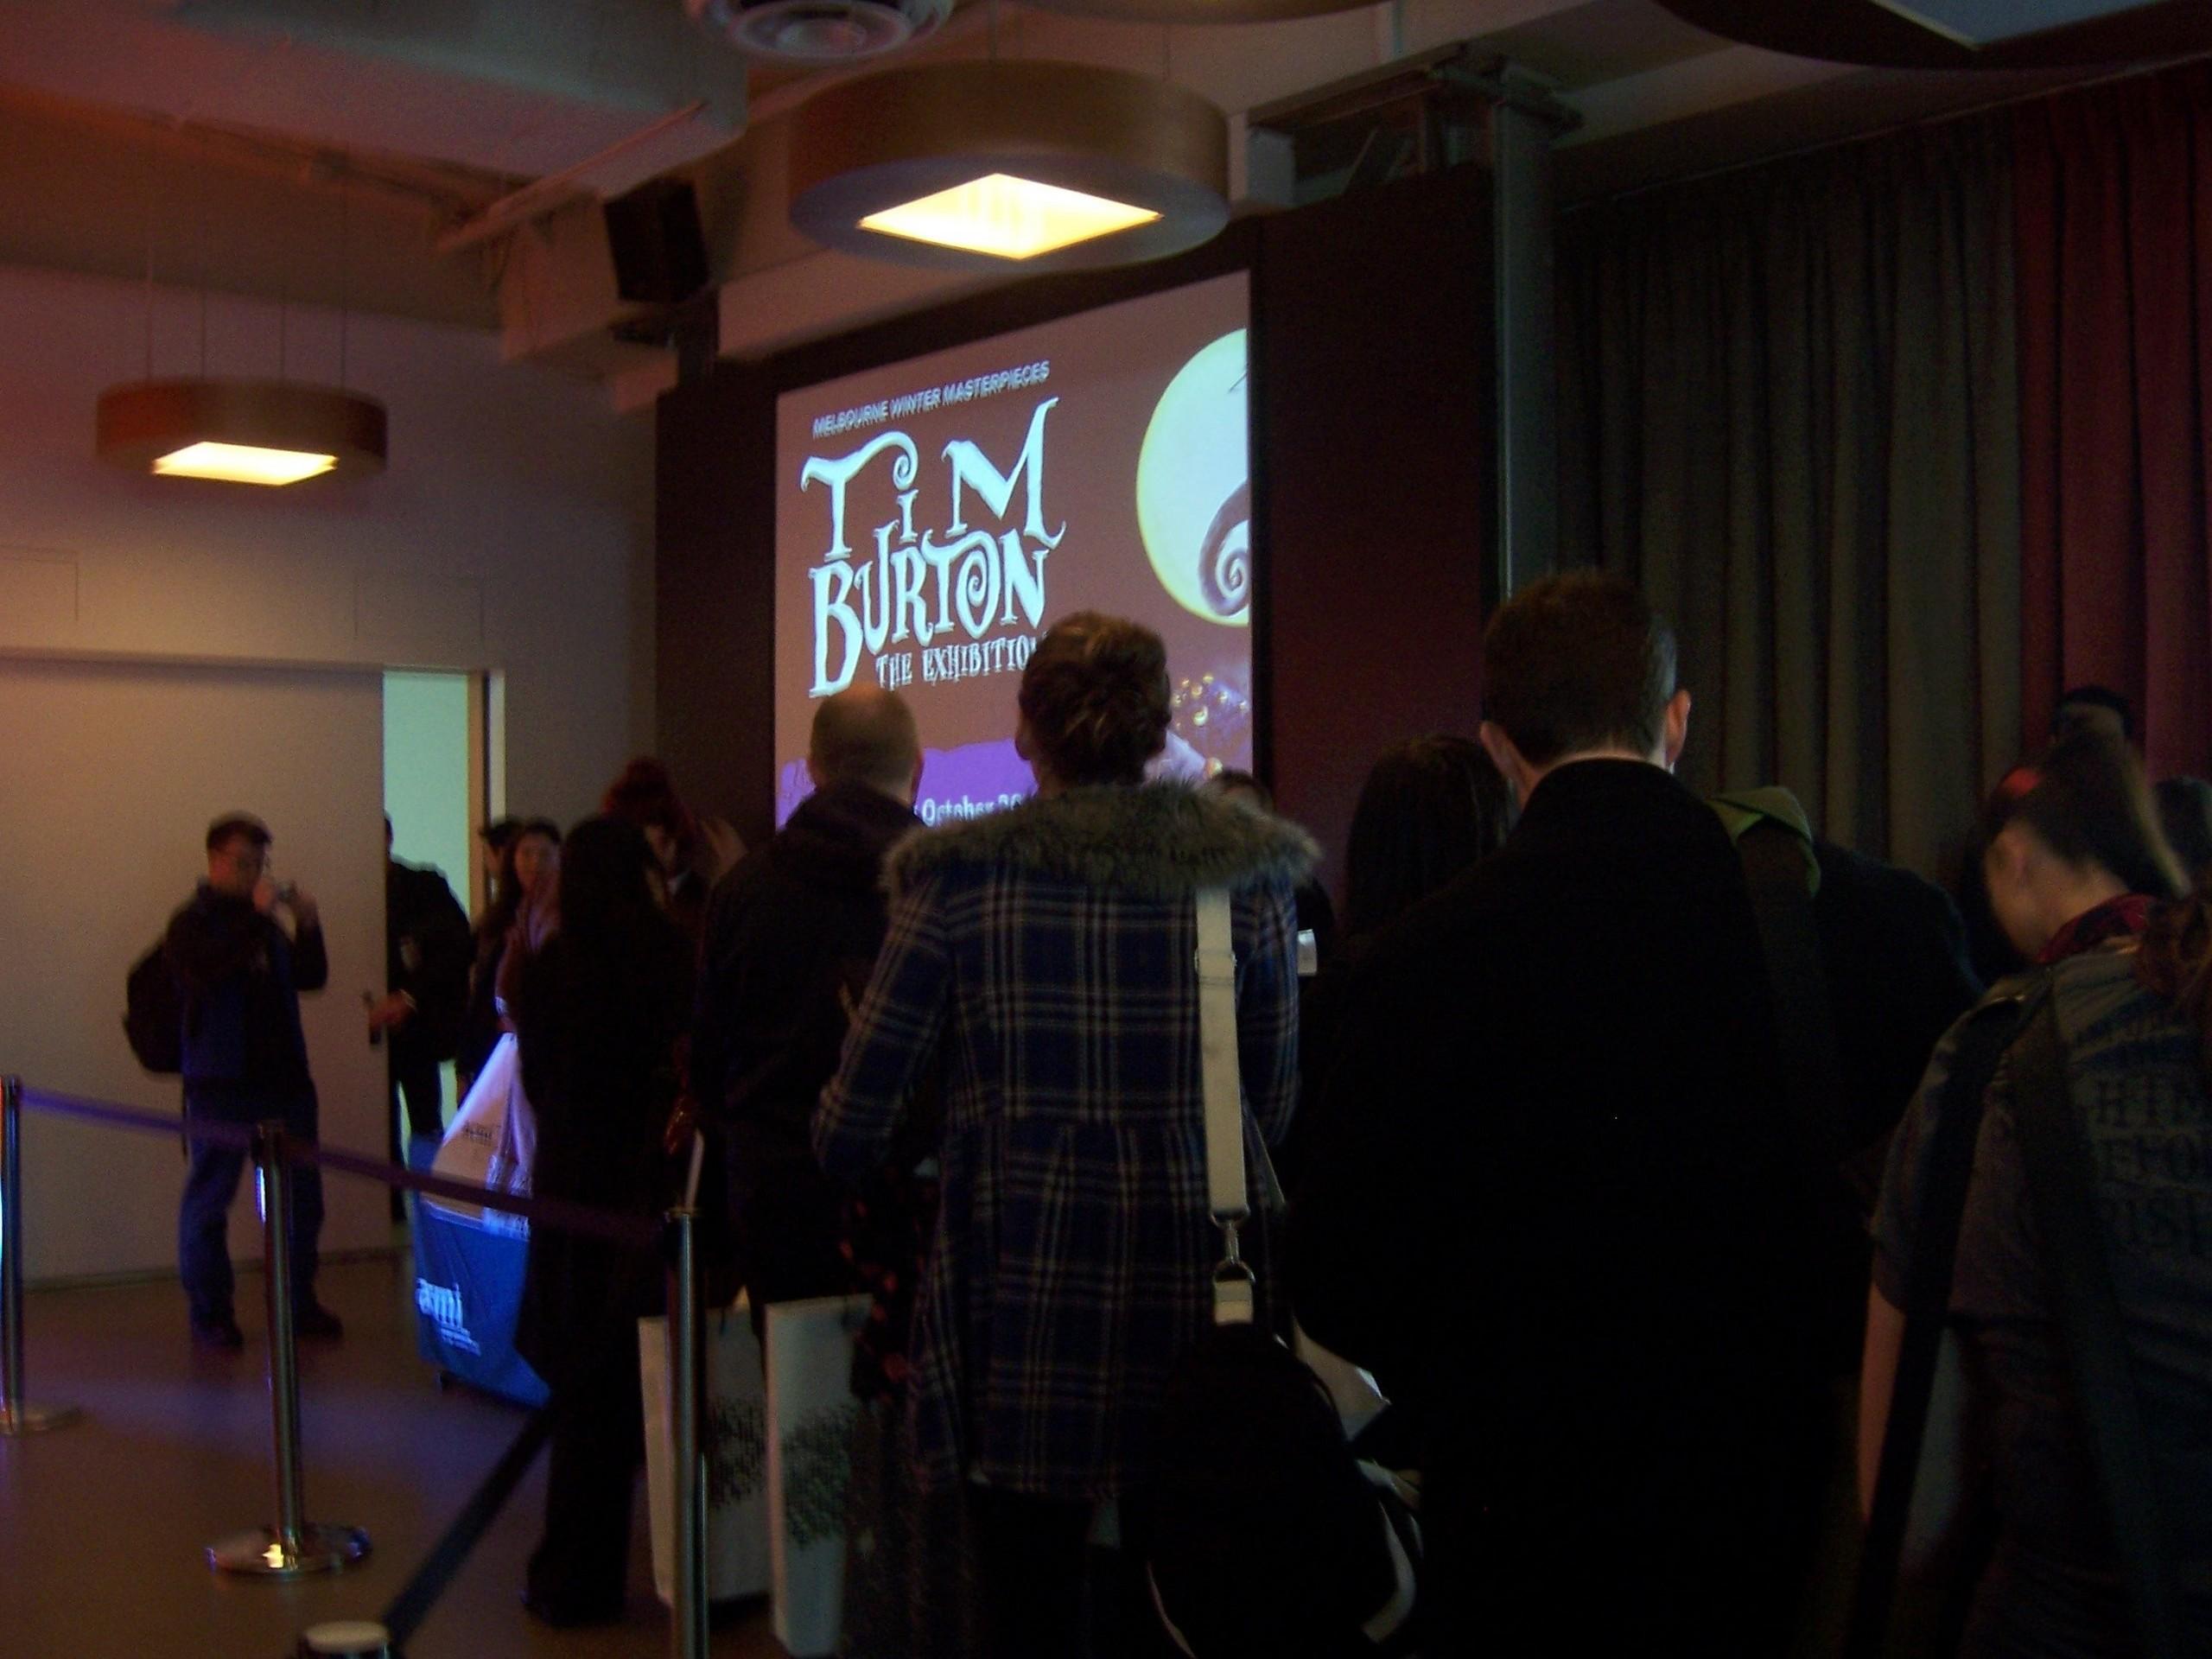 Tim Burton doing a book signing at ACMI, Melbourne